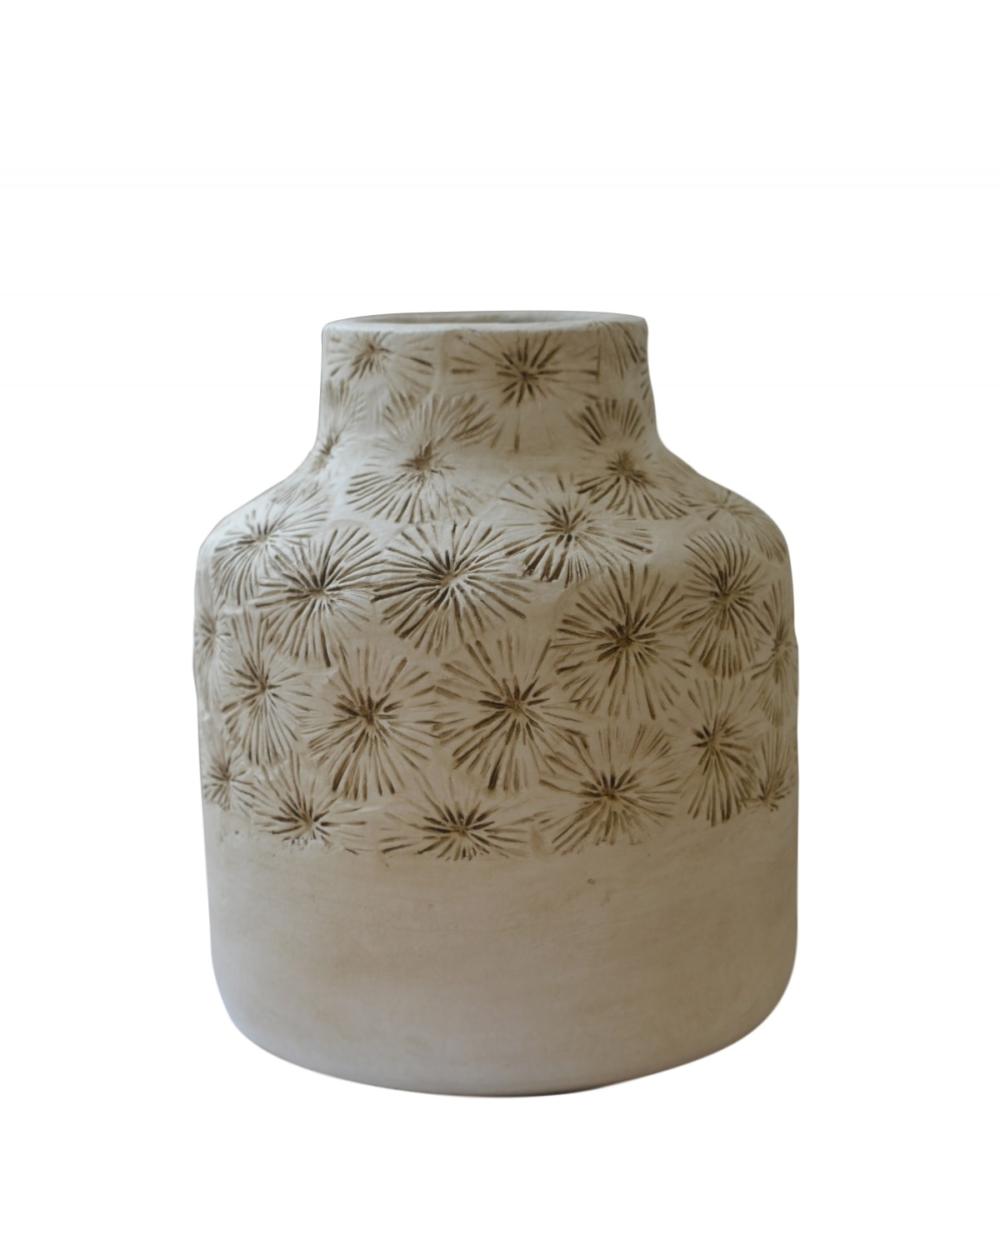 Dassie Artisan ceramic vase small